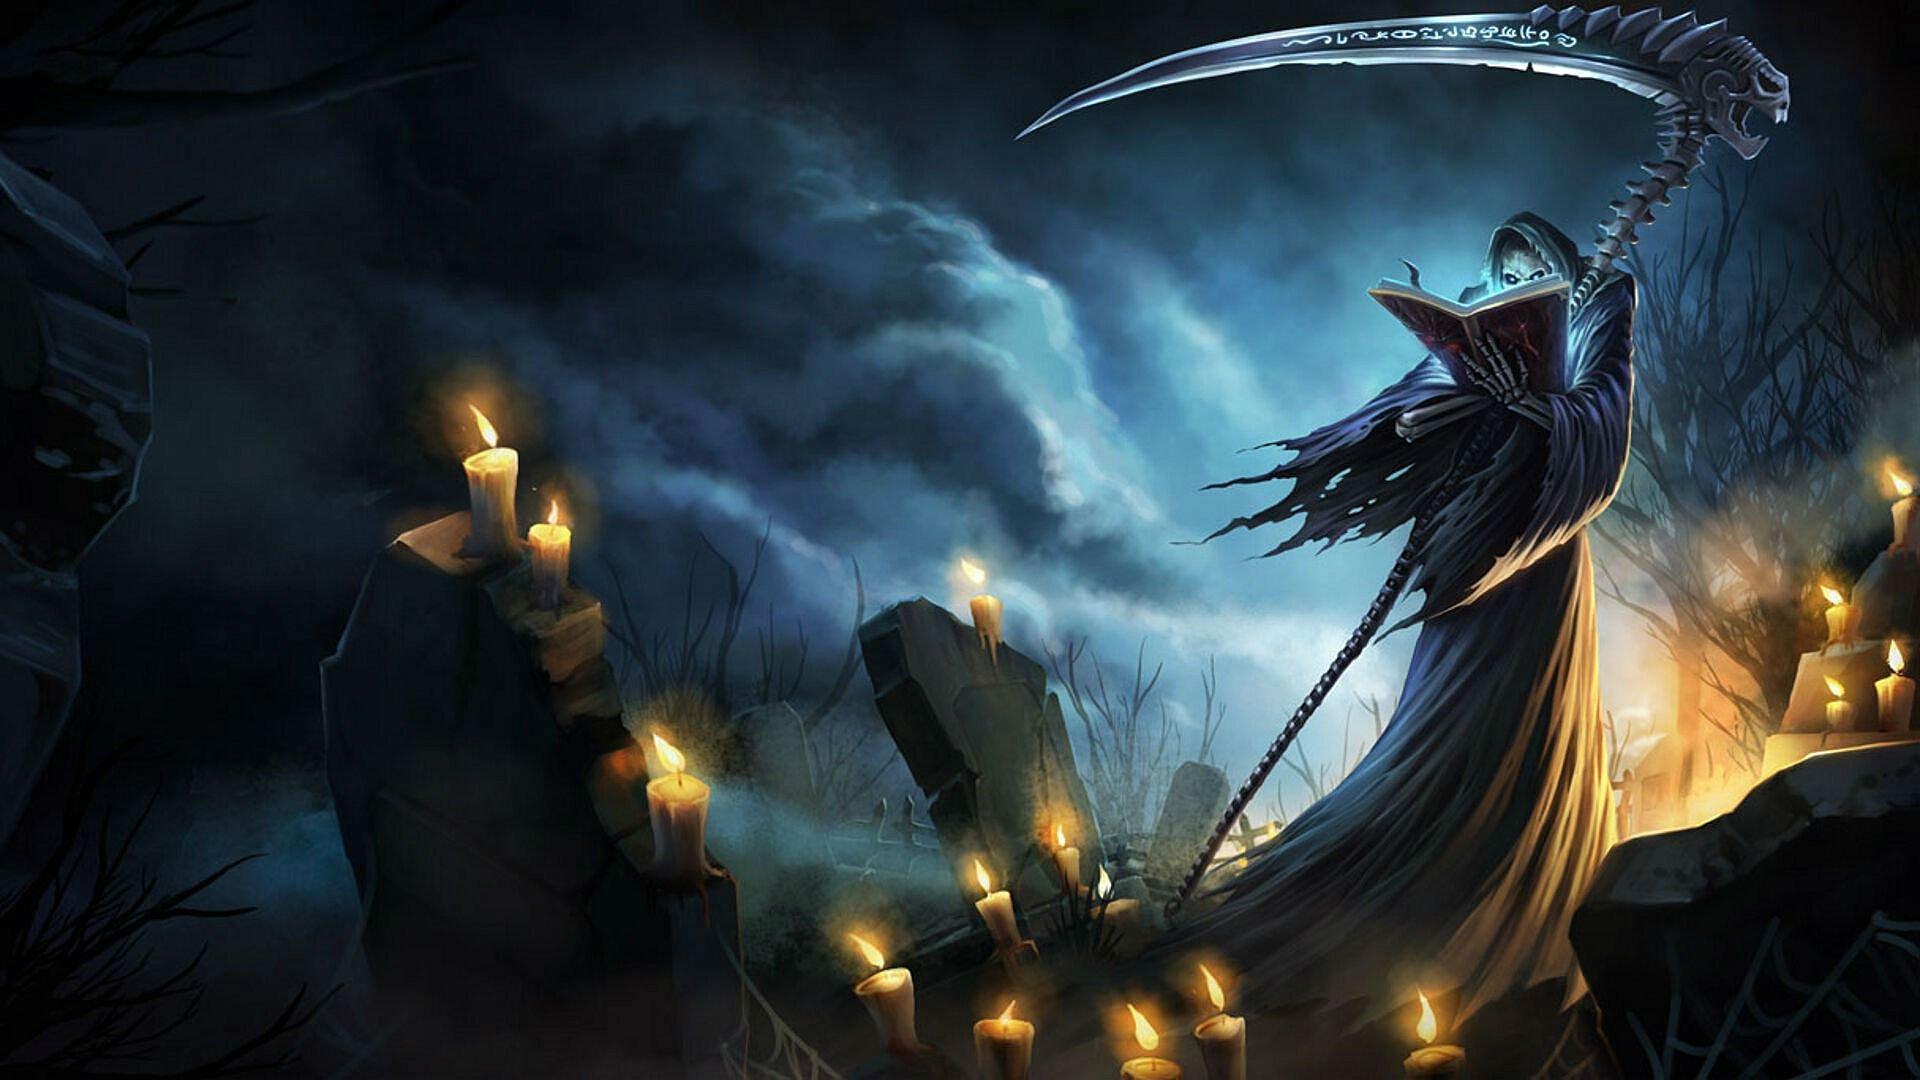 league legends fantasy art artwork warrior dark halloween reaper wallpaper 1920x1080 821871 wallpaperup